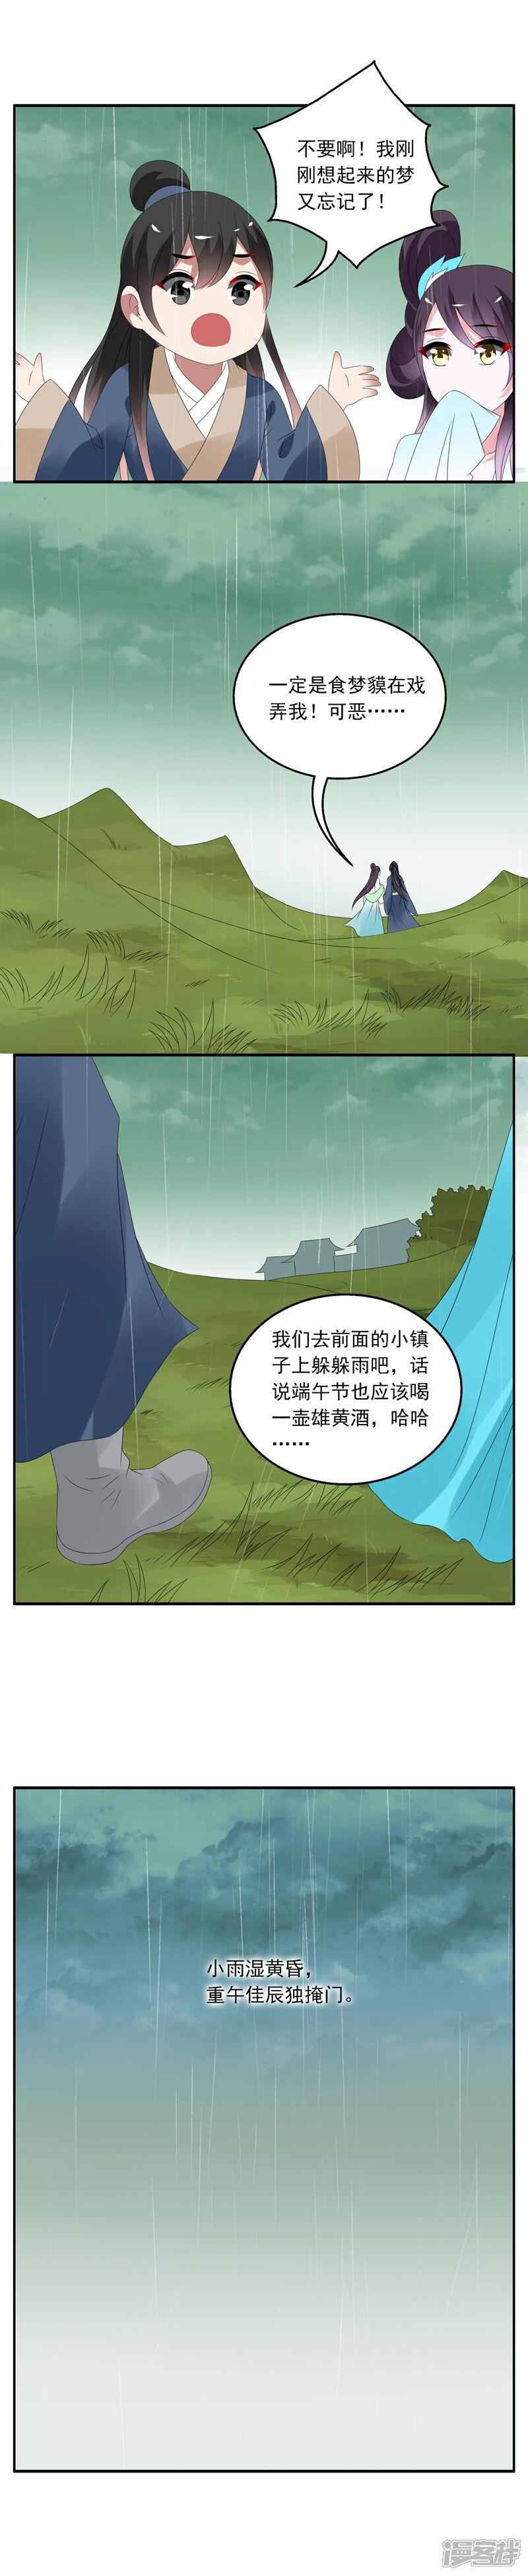 洛小妖136 (7).JPG